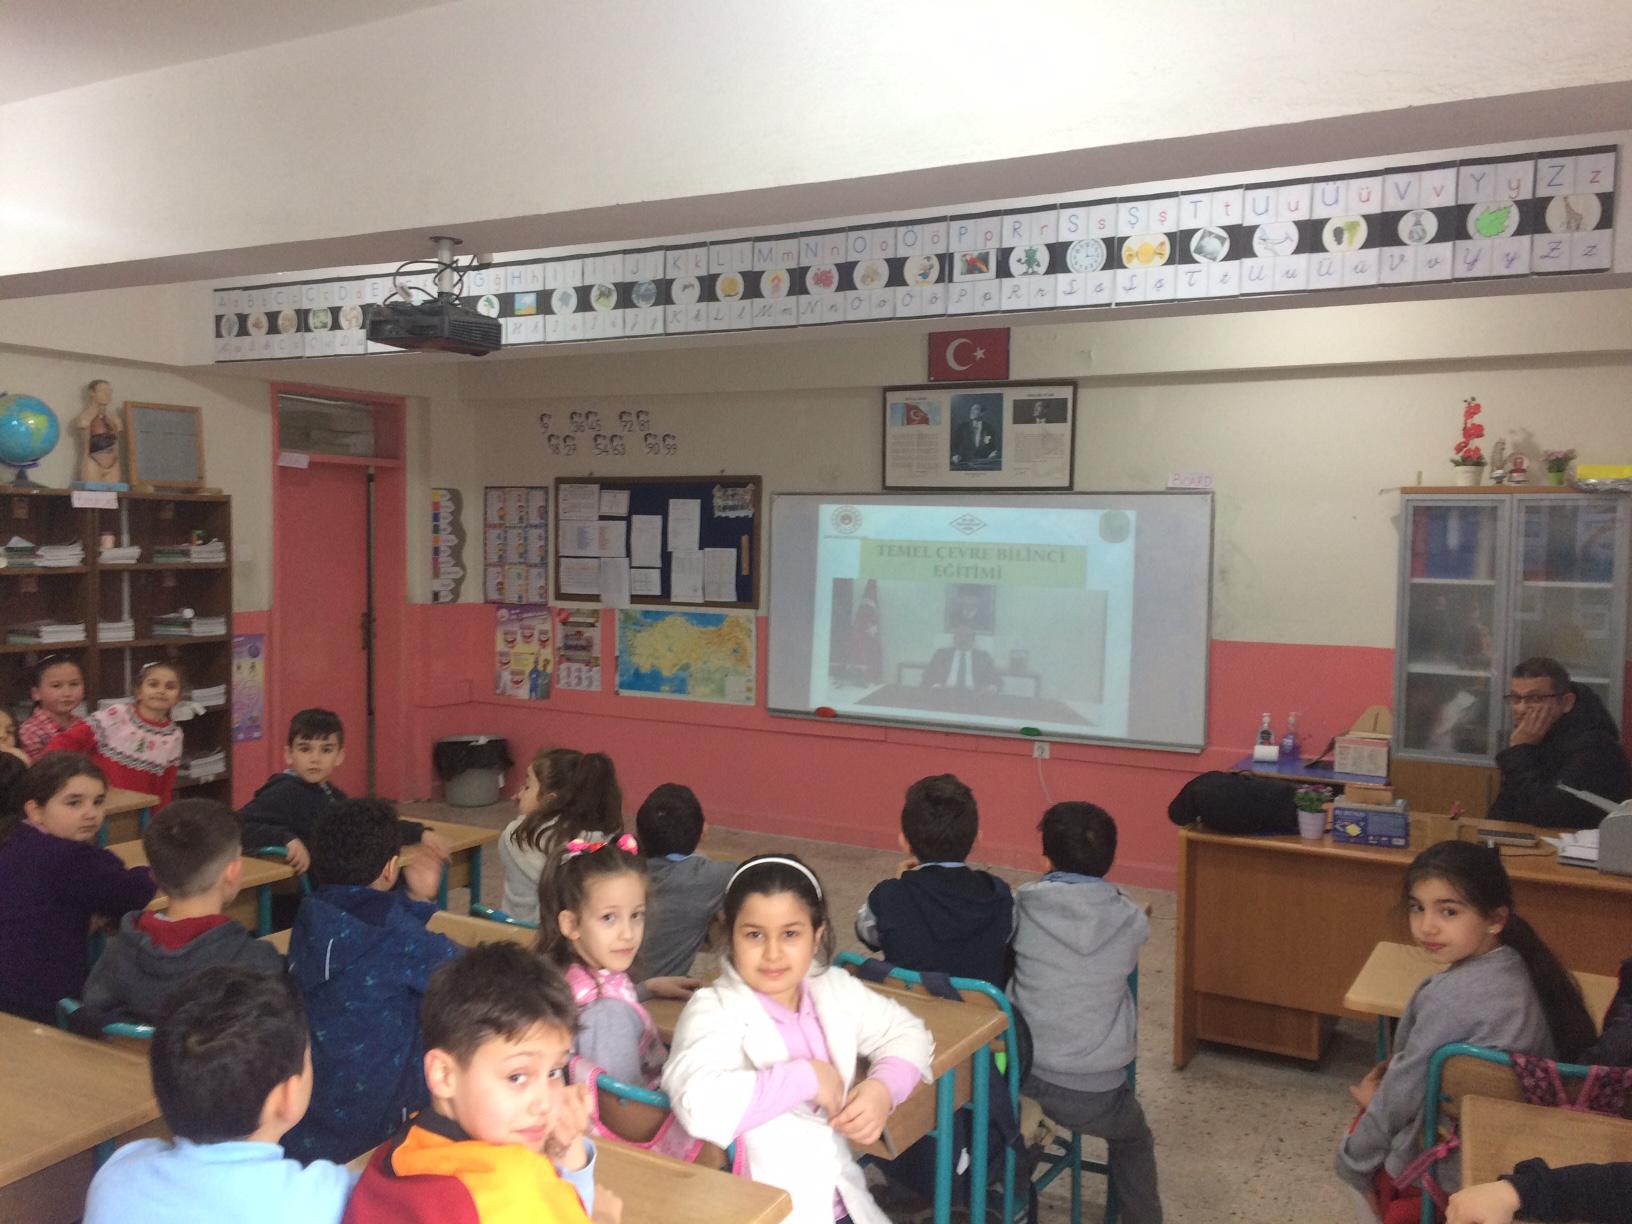 Gözpınar İlkokulu'nda Sıfır Atık Konulu Eğitim Verildi